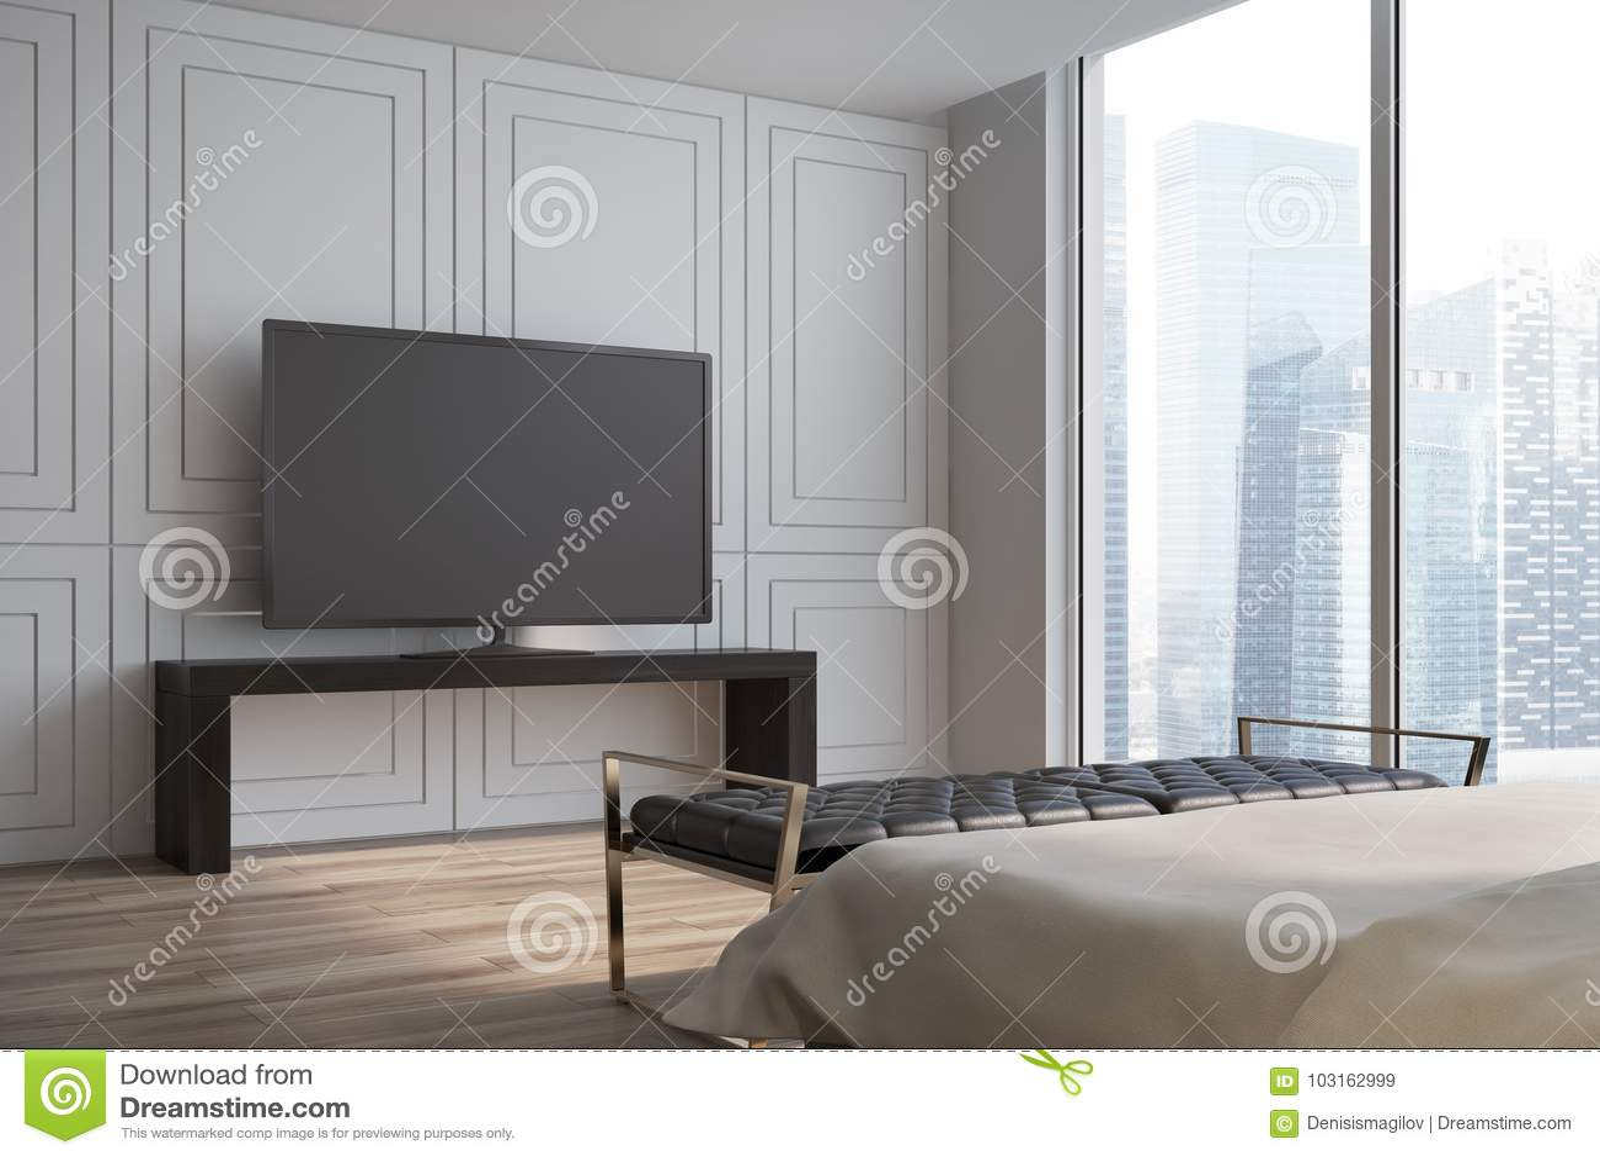 Koraalkleur De Woonkamer : Witte woonkamer televisie zijaanzicht stock illustratie